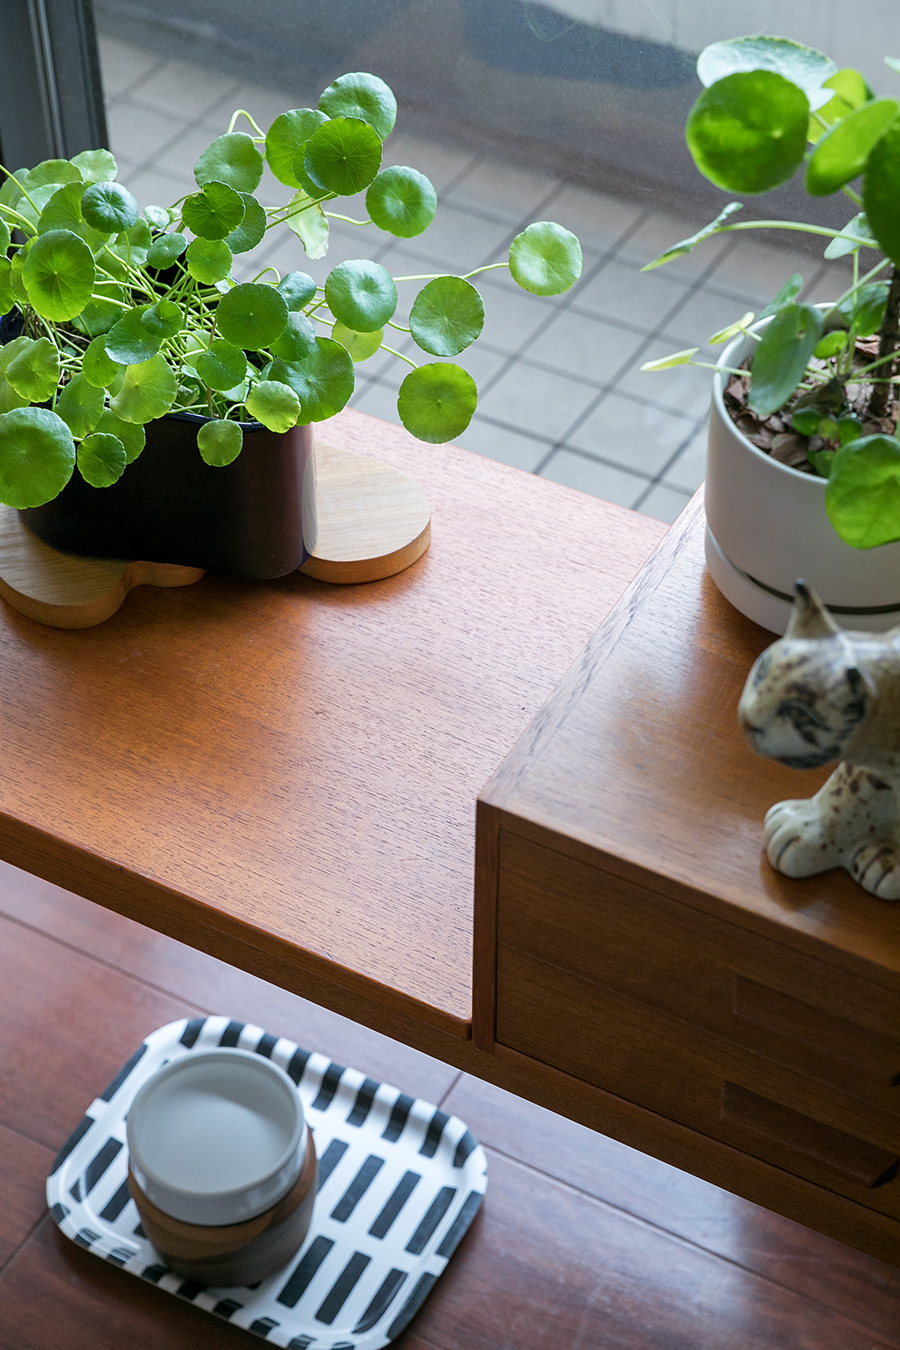 アルテックのプラントポットにウォーターマッシュルームを飾って。床のサイファーちゃんの水飲みは木製の器に入れて少し高くしてある。